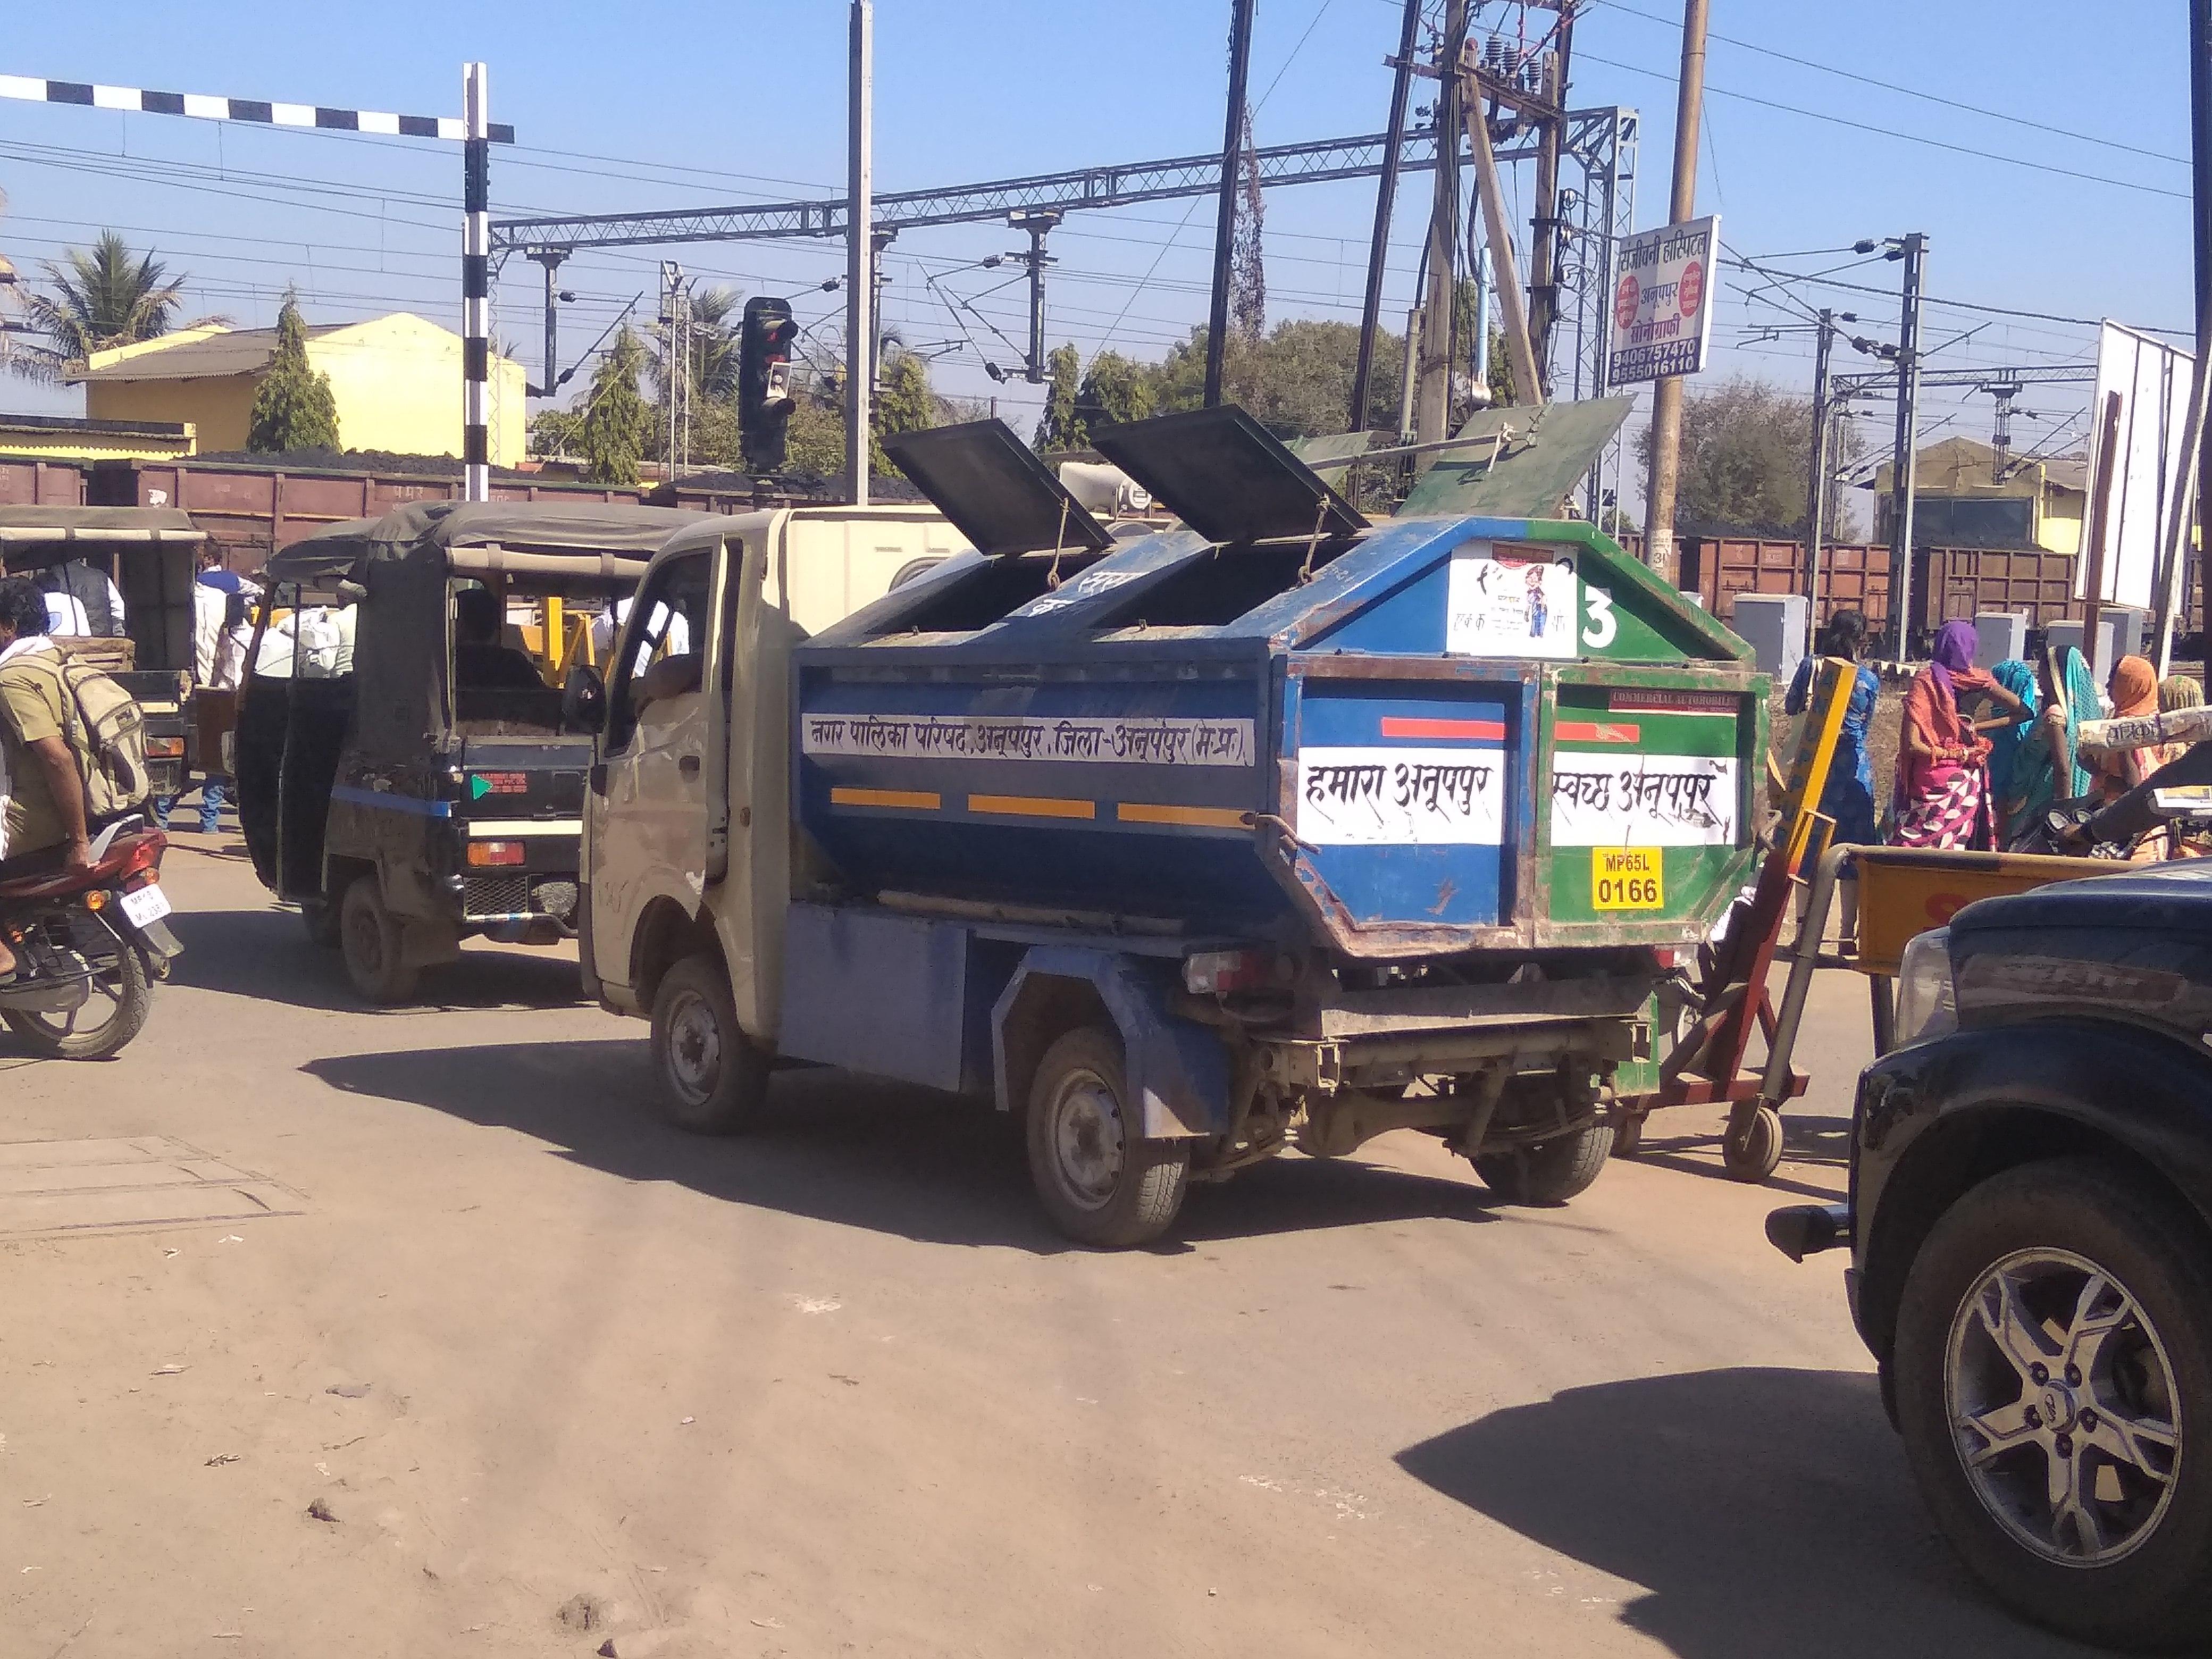 आश्वासन पर बजट पड़ा भारी: 60 हजार के भुगतान में सडक़ पर नहीं उतरी कचरा संग्रहण वाहनें, एक वाहन से 5500 घरों के कचरे की हो रही सफाई